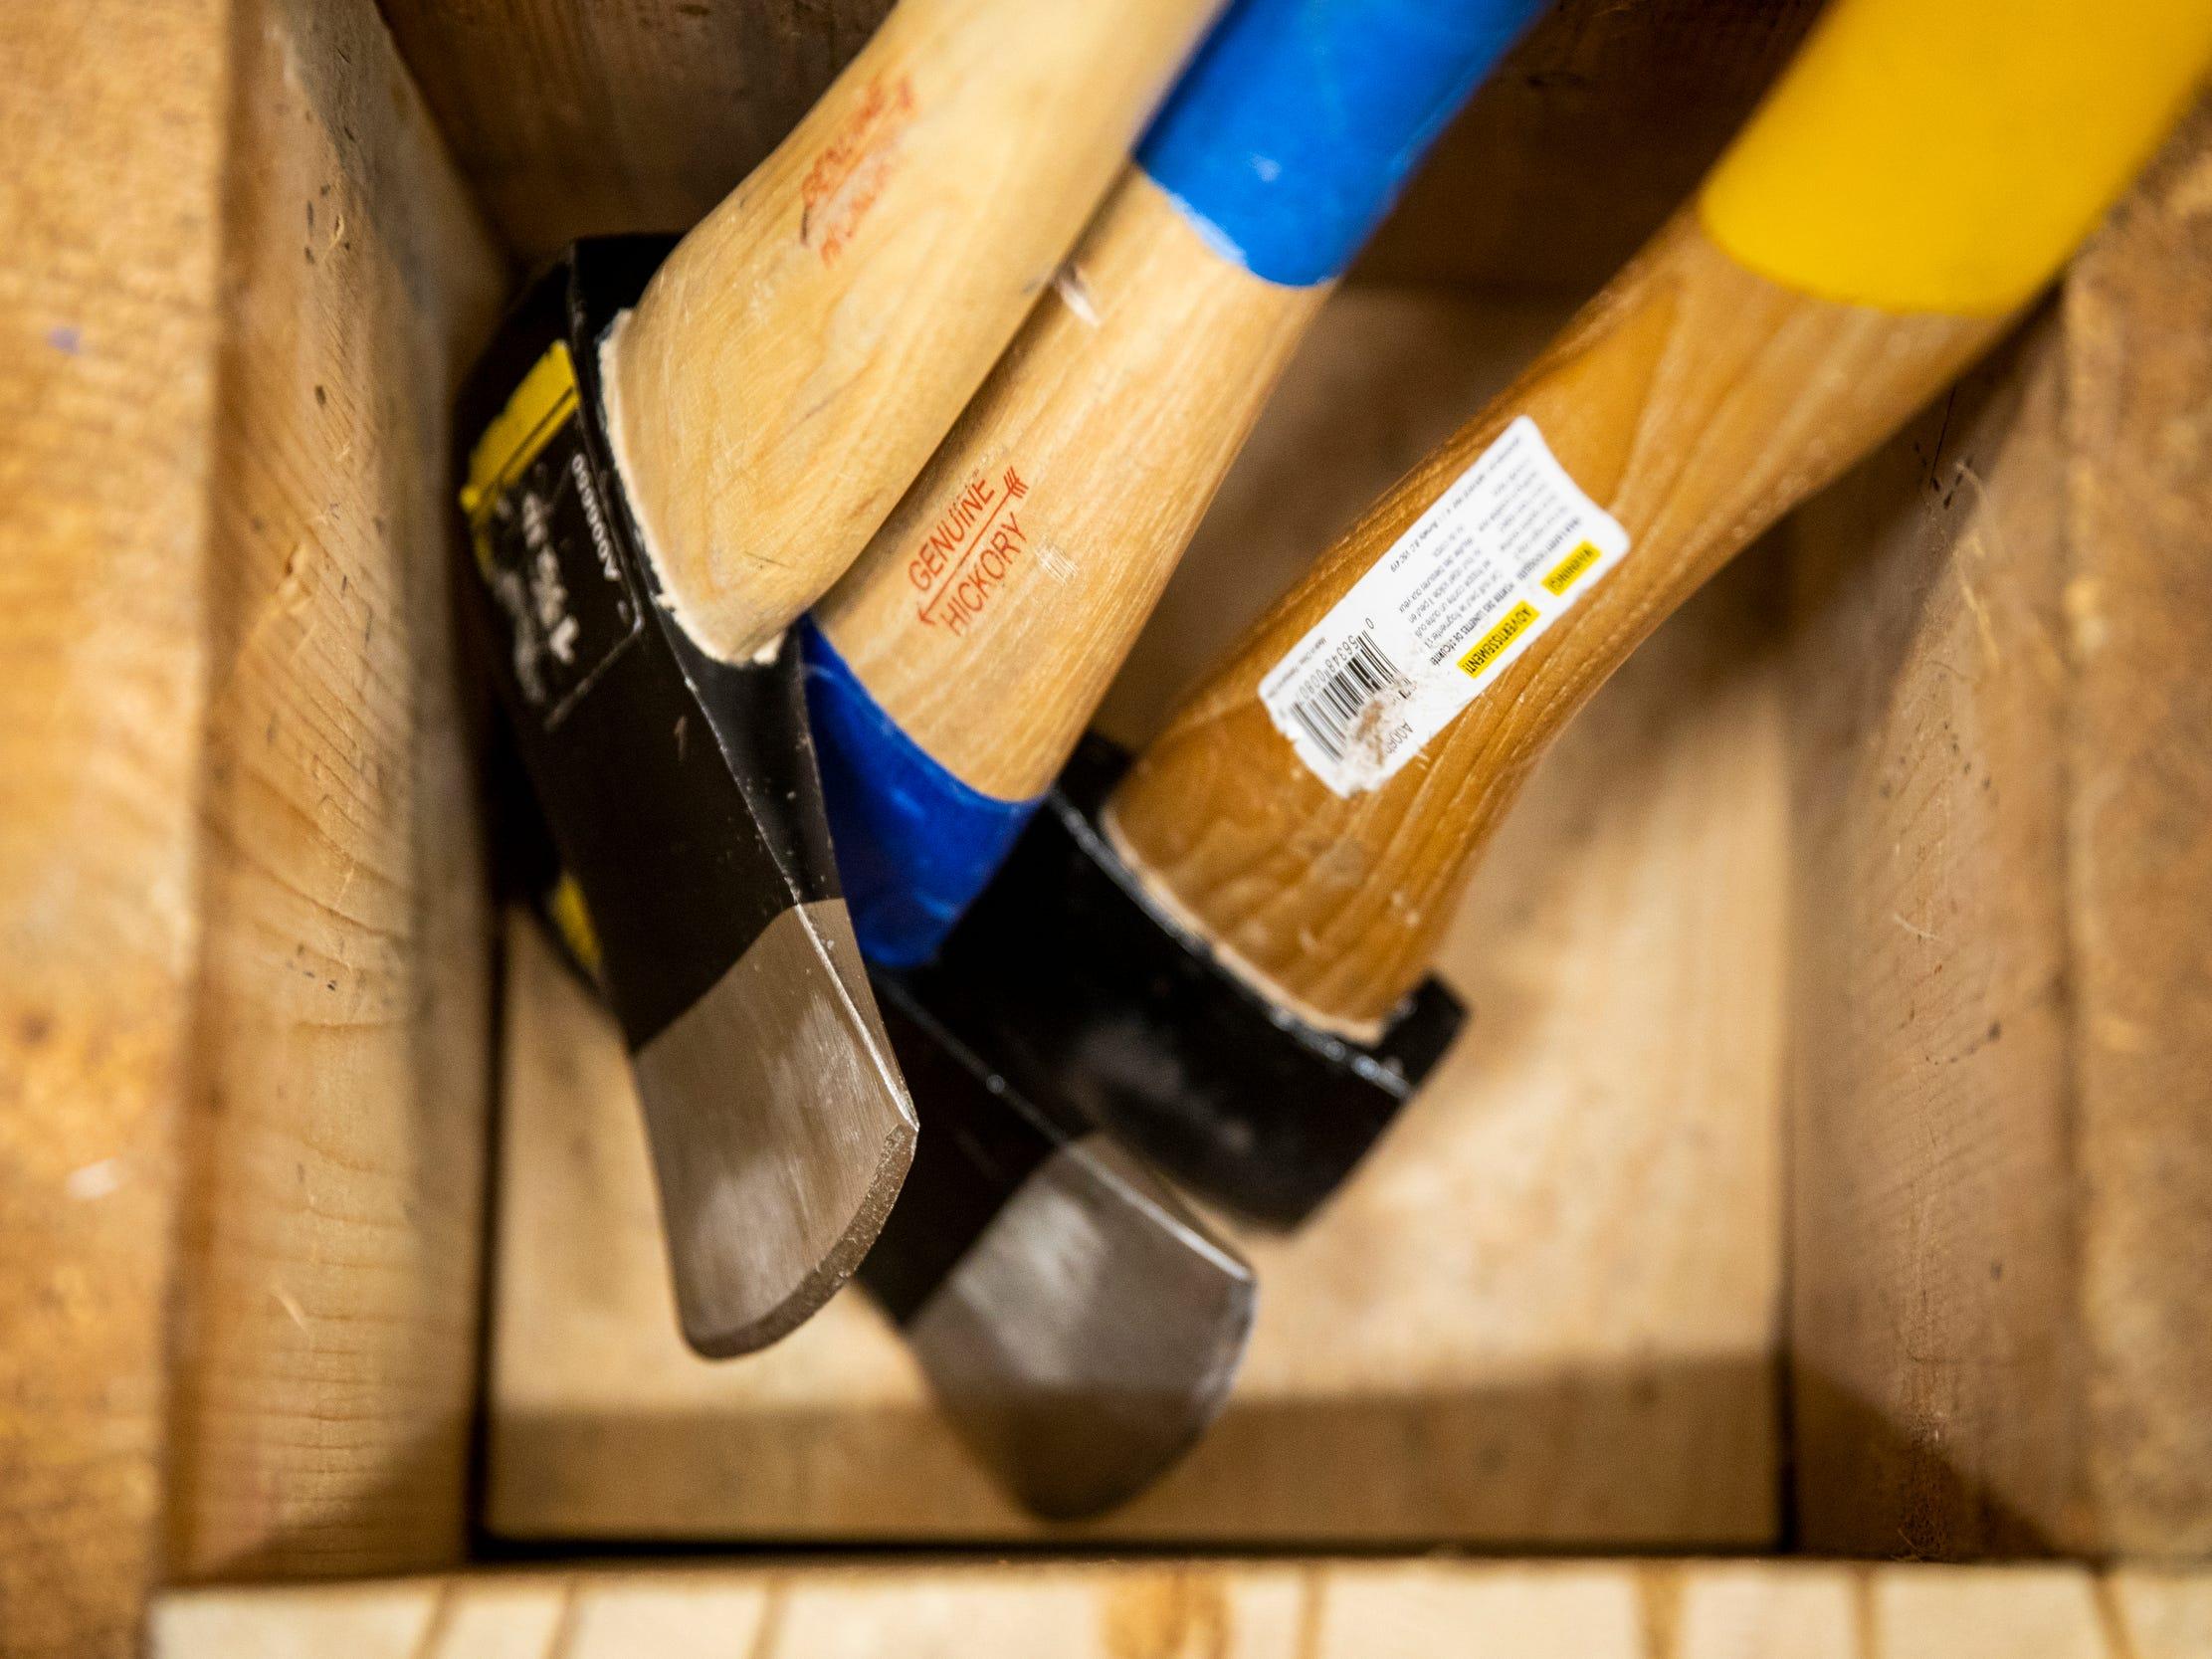 The axes at Urban Axes Cincinnati weigh 1.5 pounds.